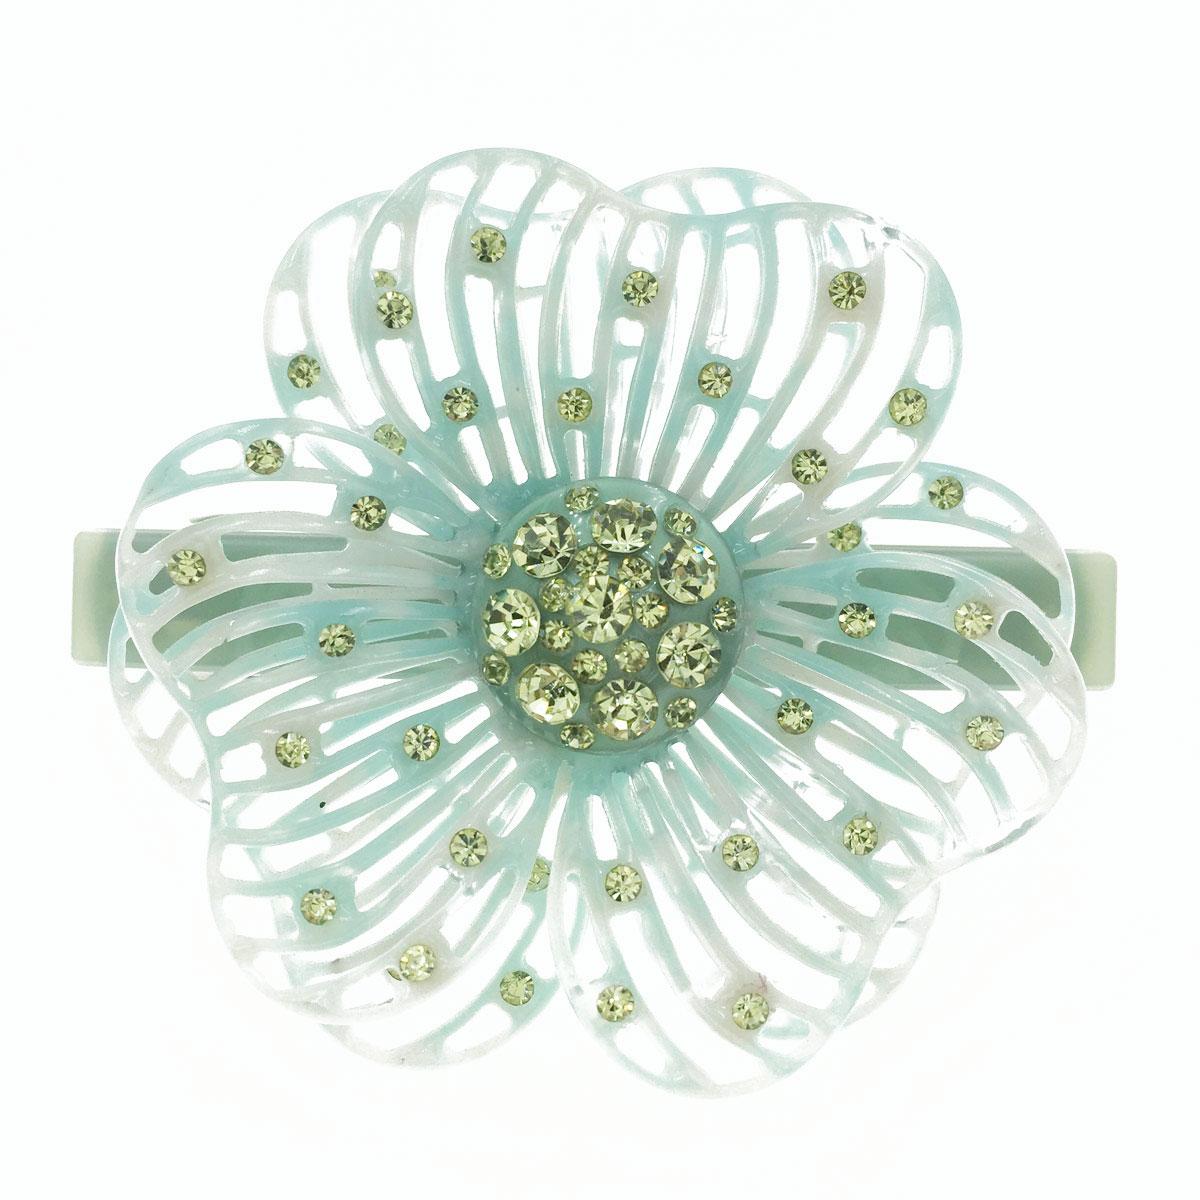 大花朵 雙層 簍空 大理石紋 鑲鑽 水鑽 髮飾 髮夾 自動夾 採用施華洛世奇水晶元素 Crystals from Swarovski